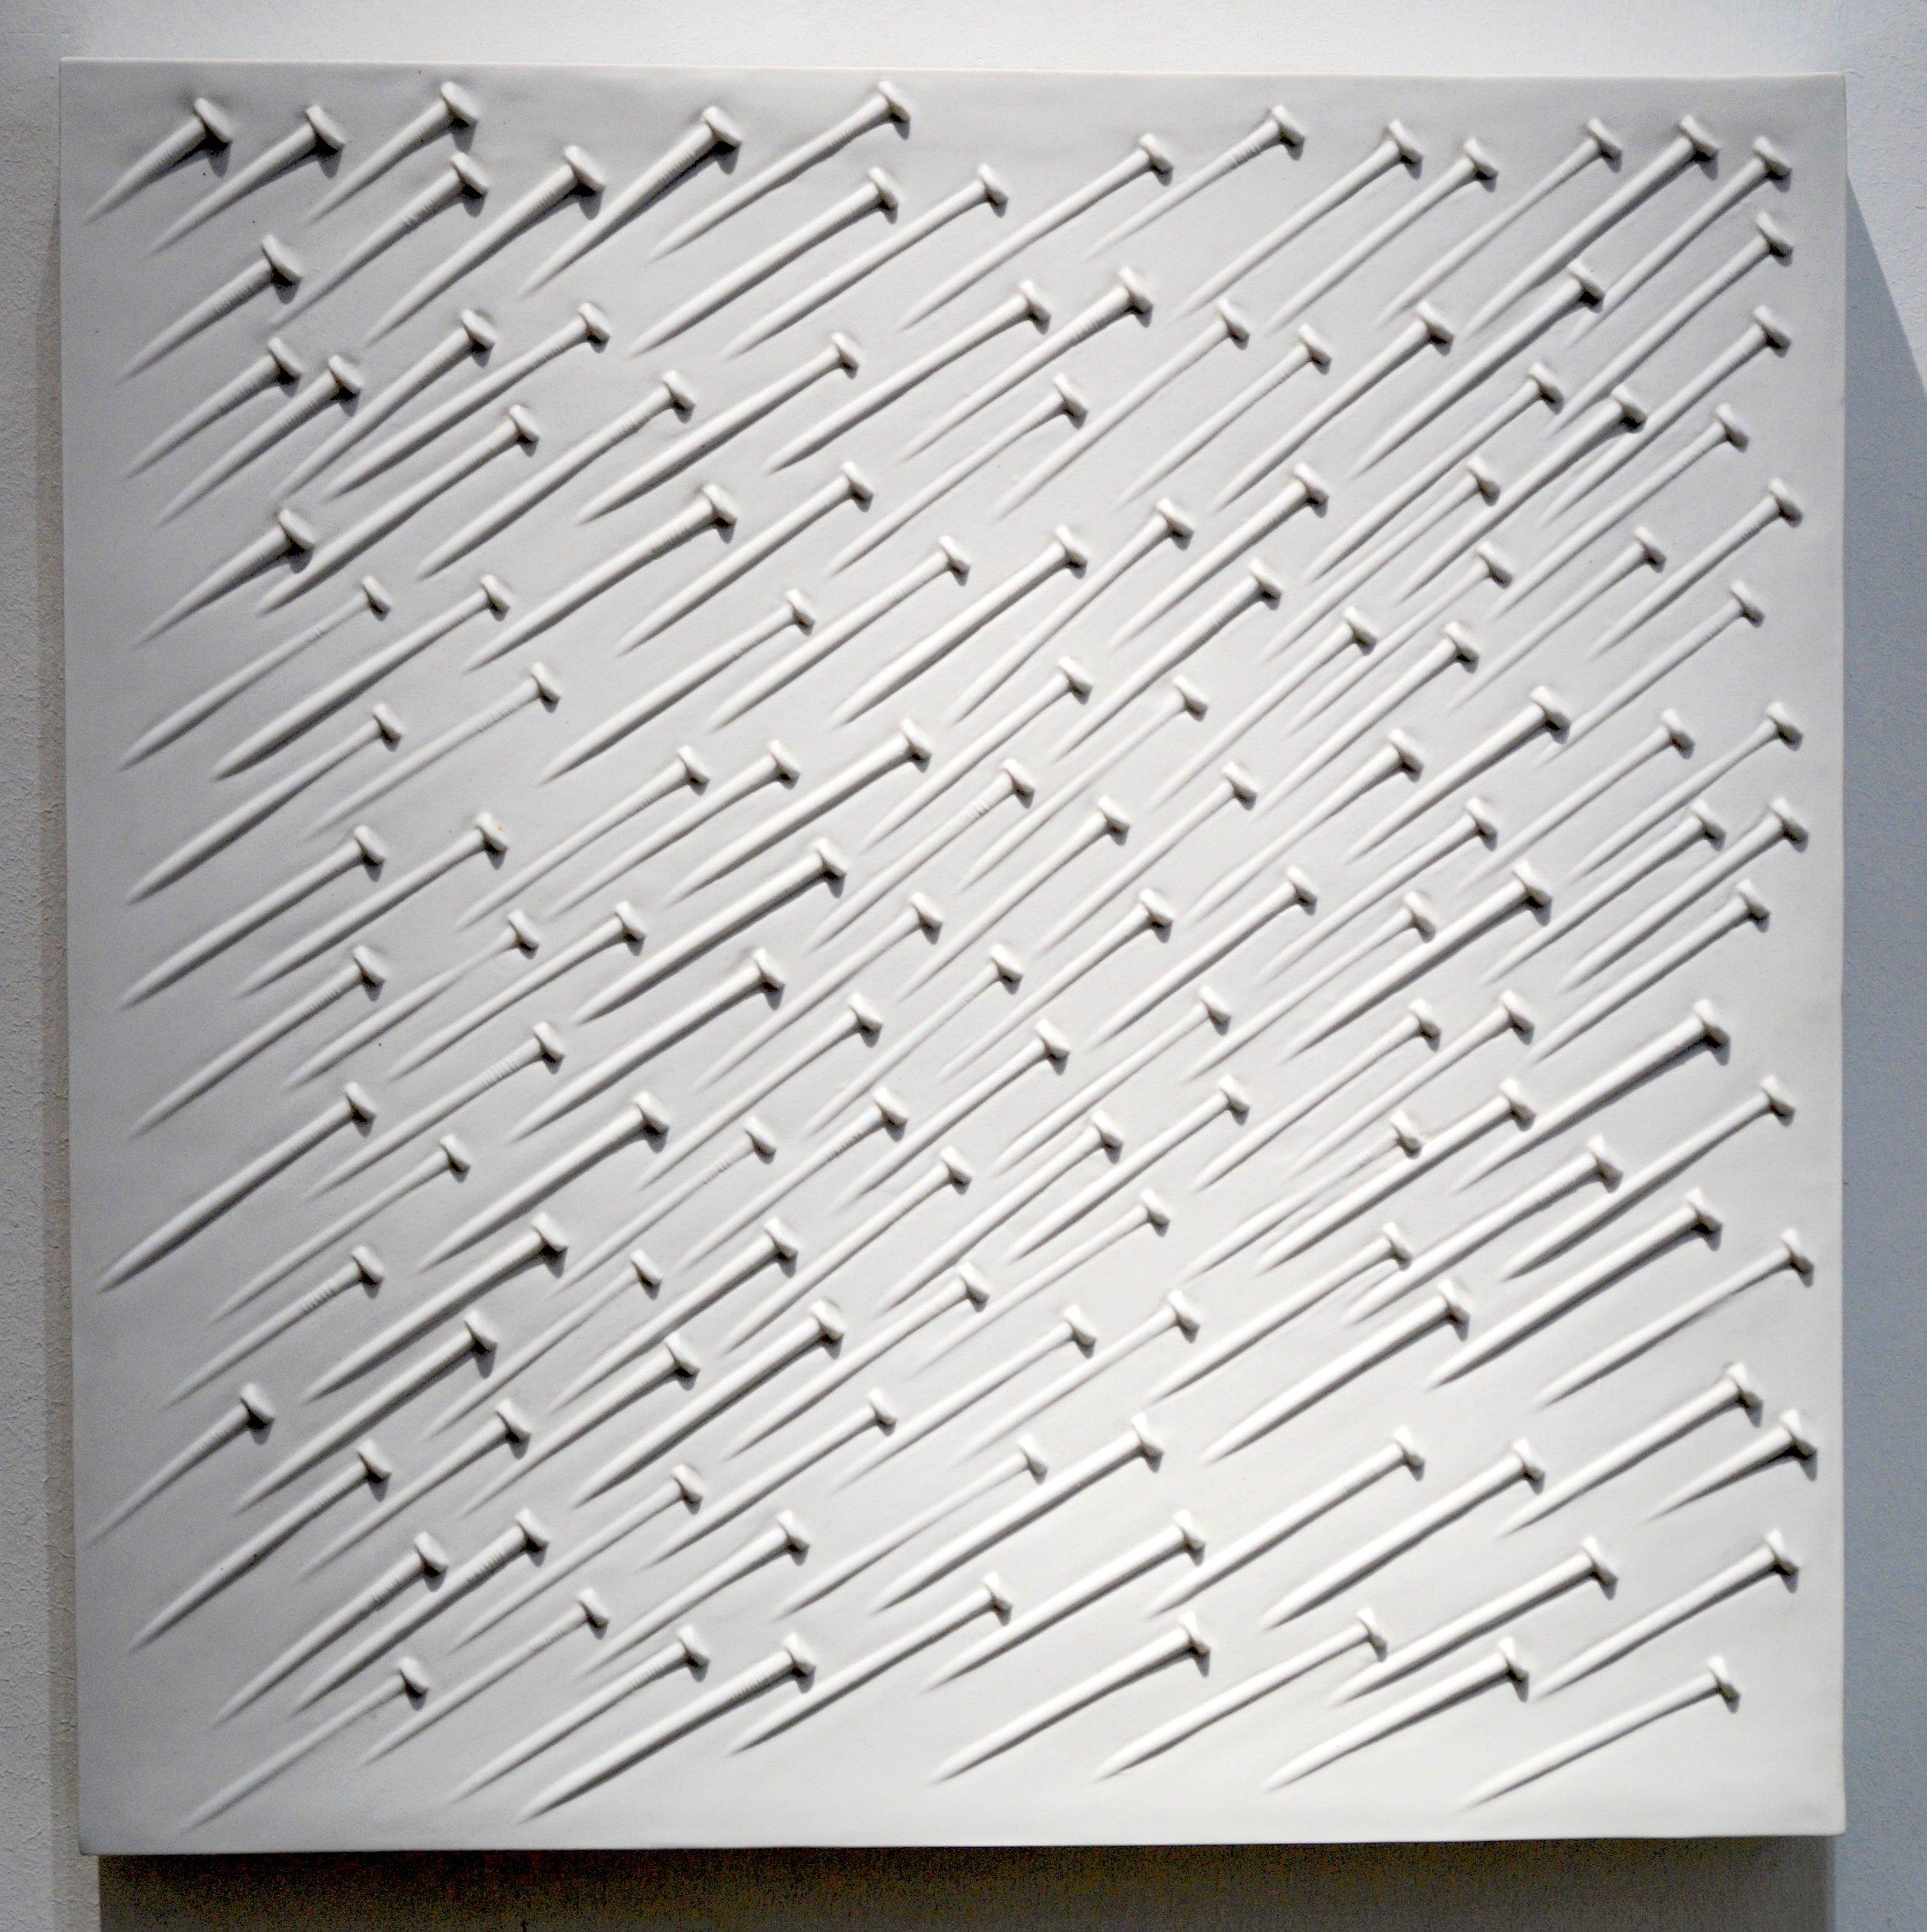 Günther Uecker Weißer Regen, 1968 Porzellan Relief 44,5 x 44,5 x 5 cm | 17 1/2 x 17 1/2 x 2 in 100 Expl. GU/E 18